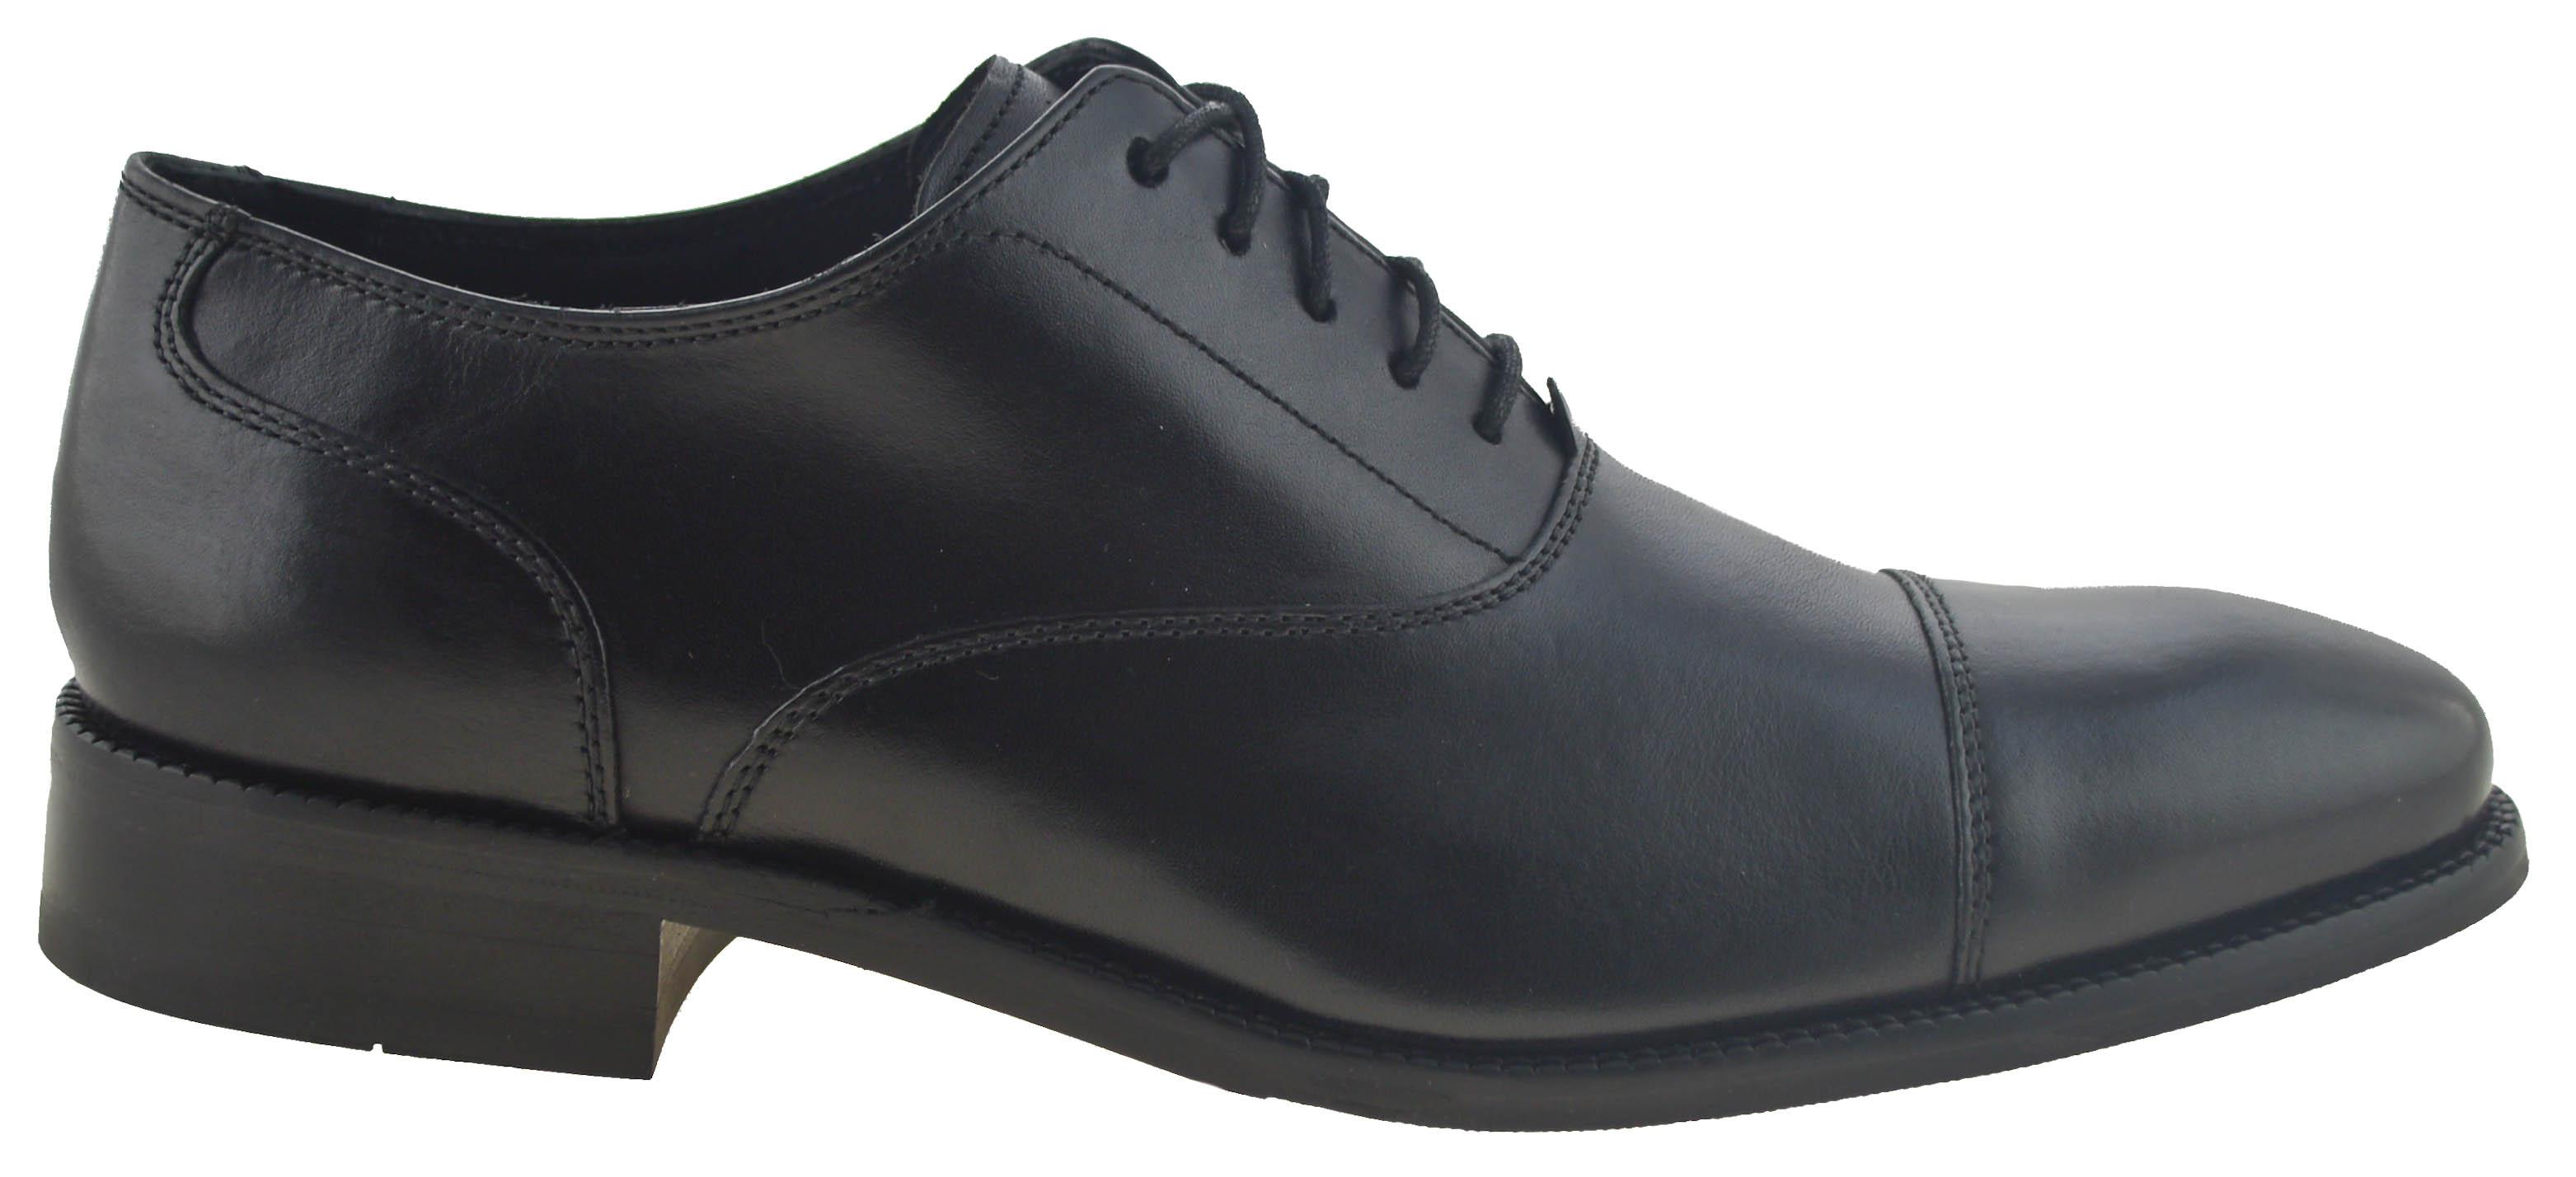 Williams Cap Toe Oxford Black C12202